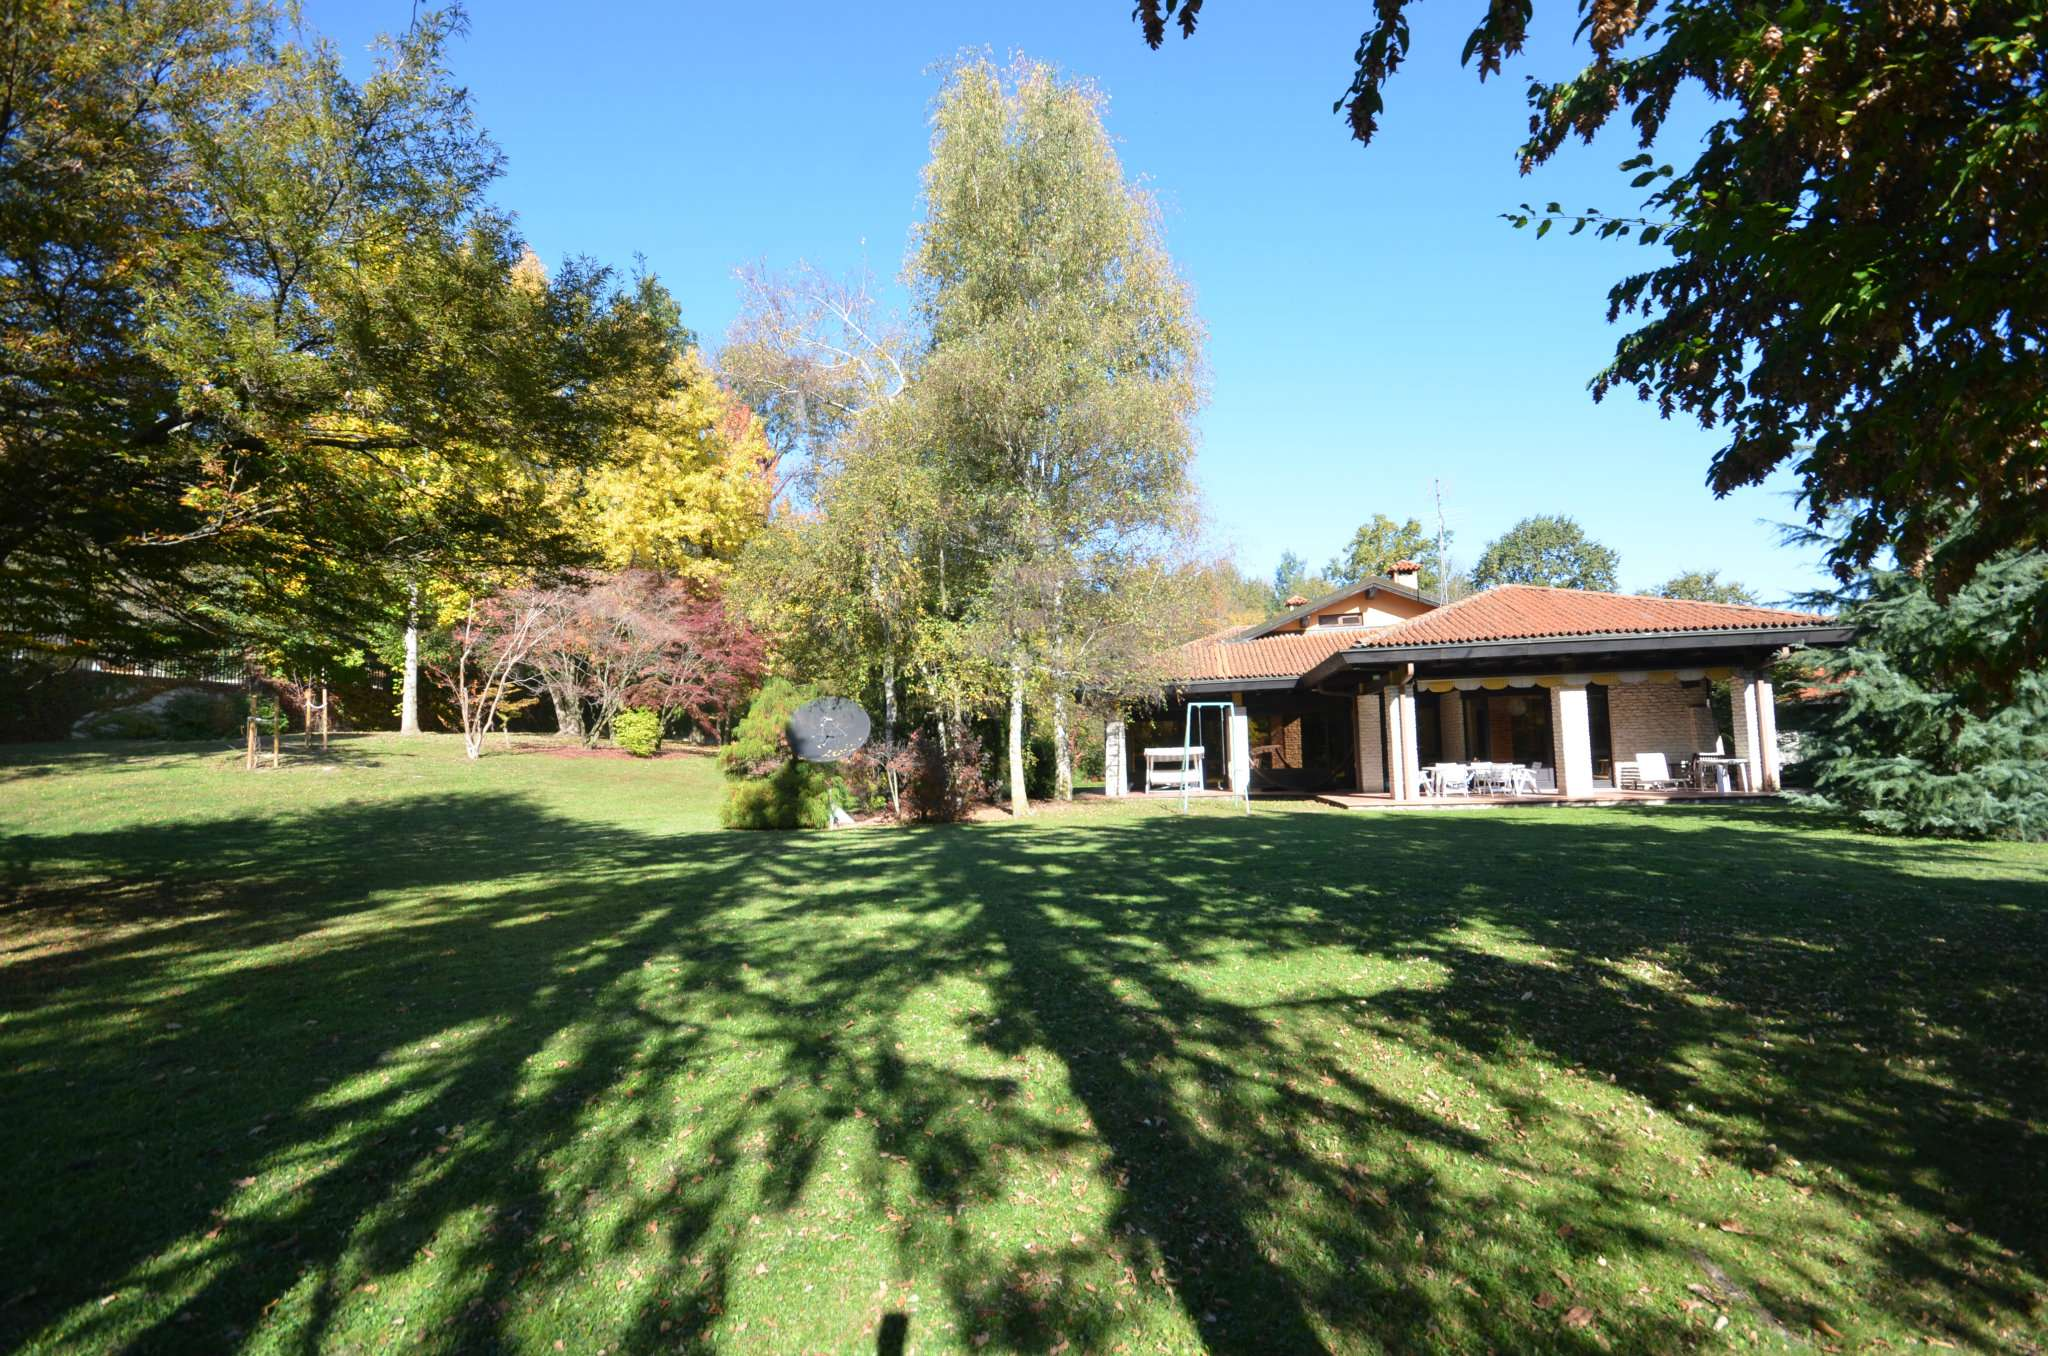 Villa in vendita a Bernezzo, 15 locali, Trattative riservate | CambioCasa.it